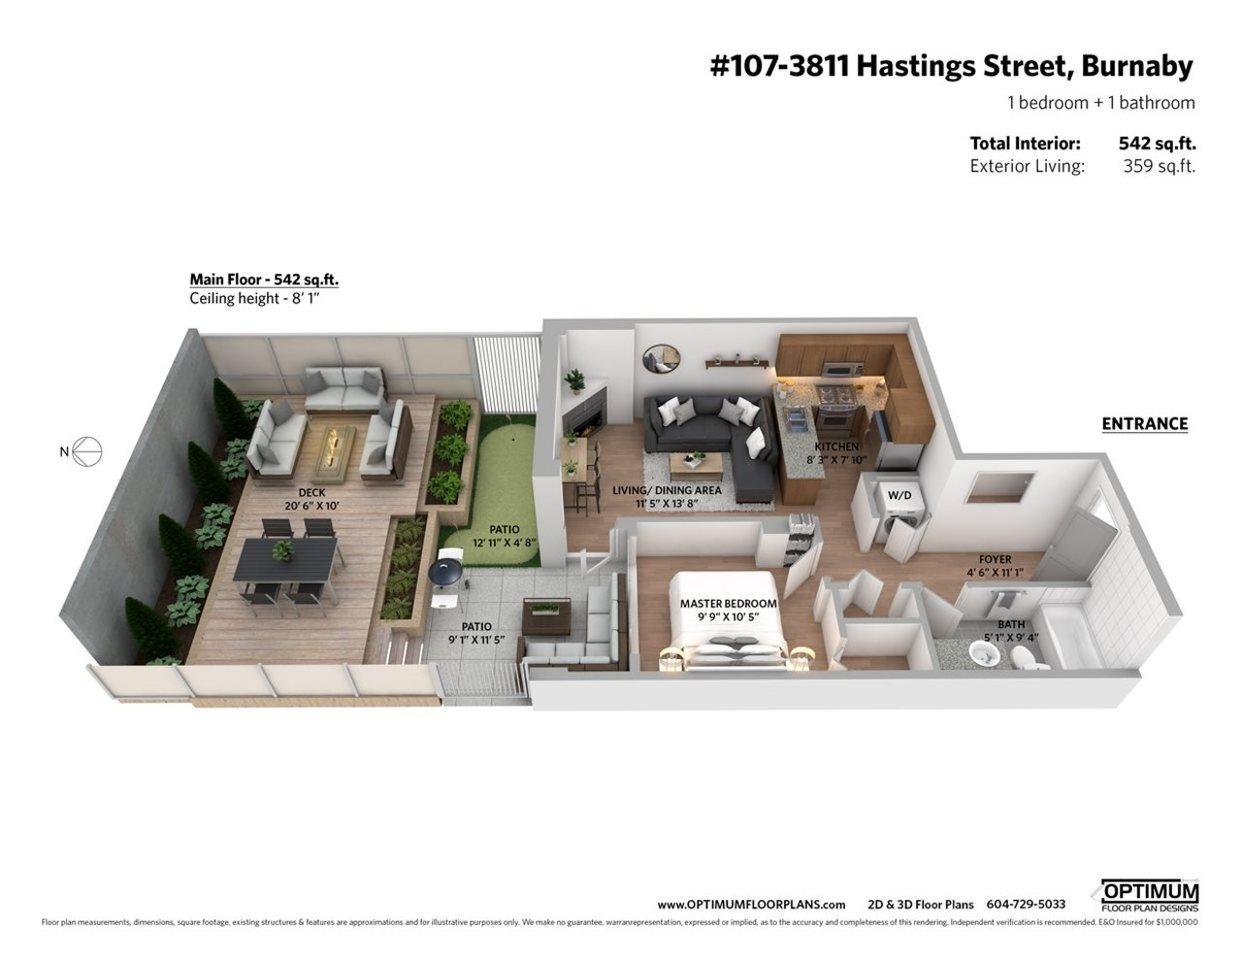 3811-hastings-street-vancouver-heights-burnaby-north-12 at 107 - 3811 Hastings Street, Vancouver Heights, Burnaby North